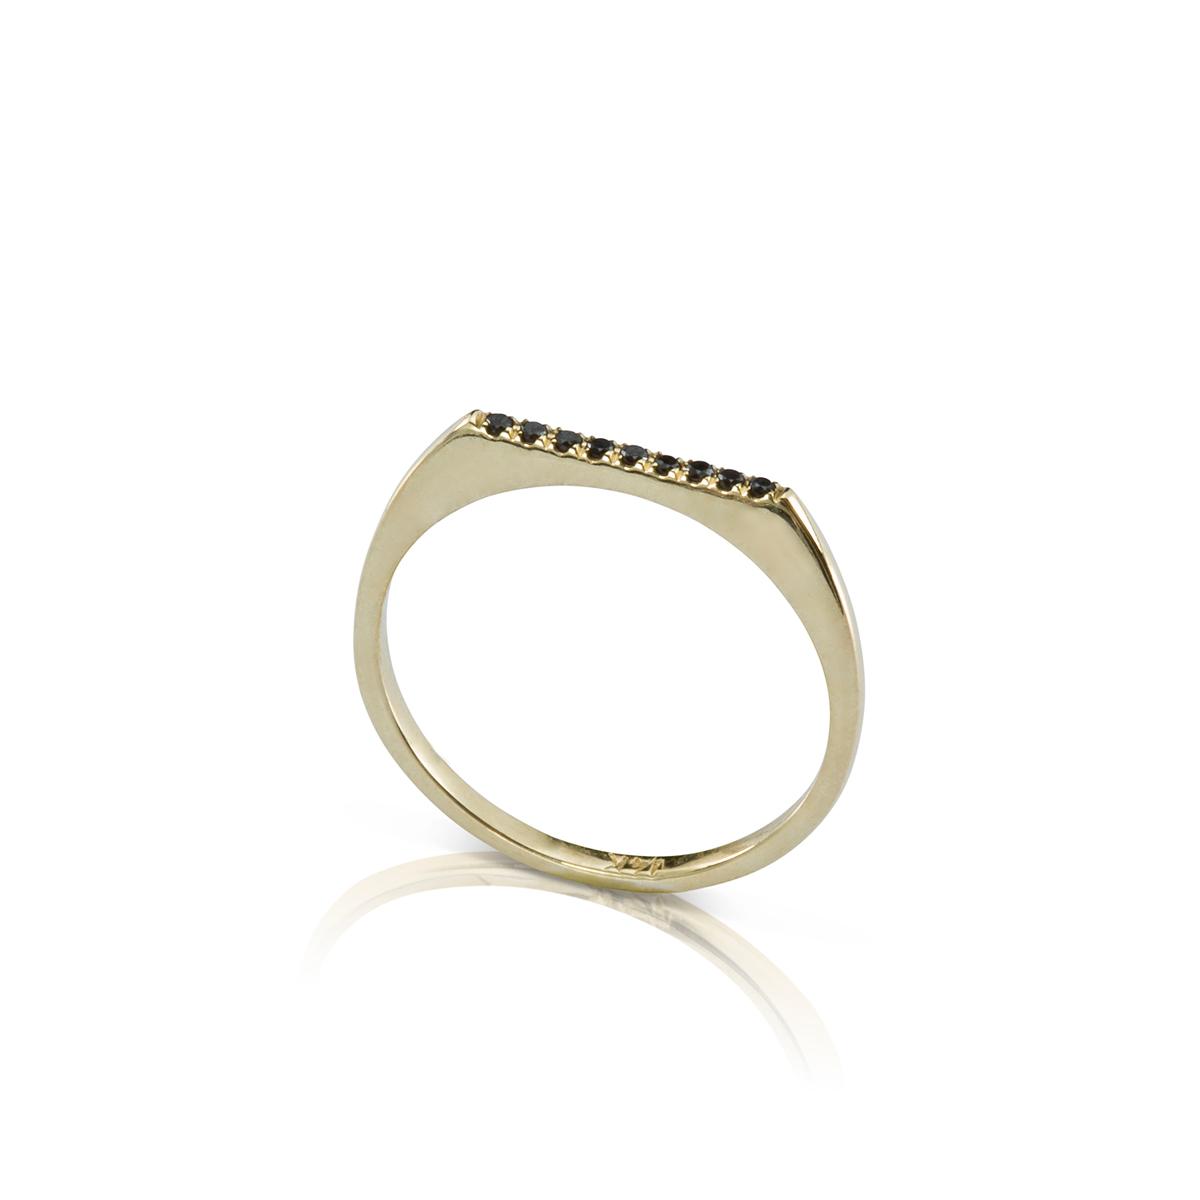 טבעת חותם דקה משובצת שורת יהלומים שחורים